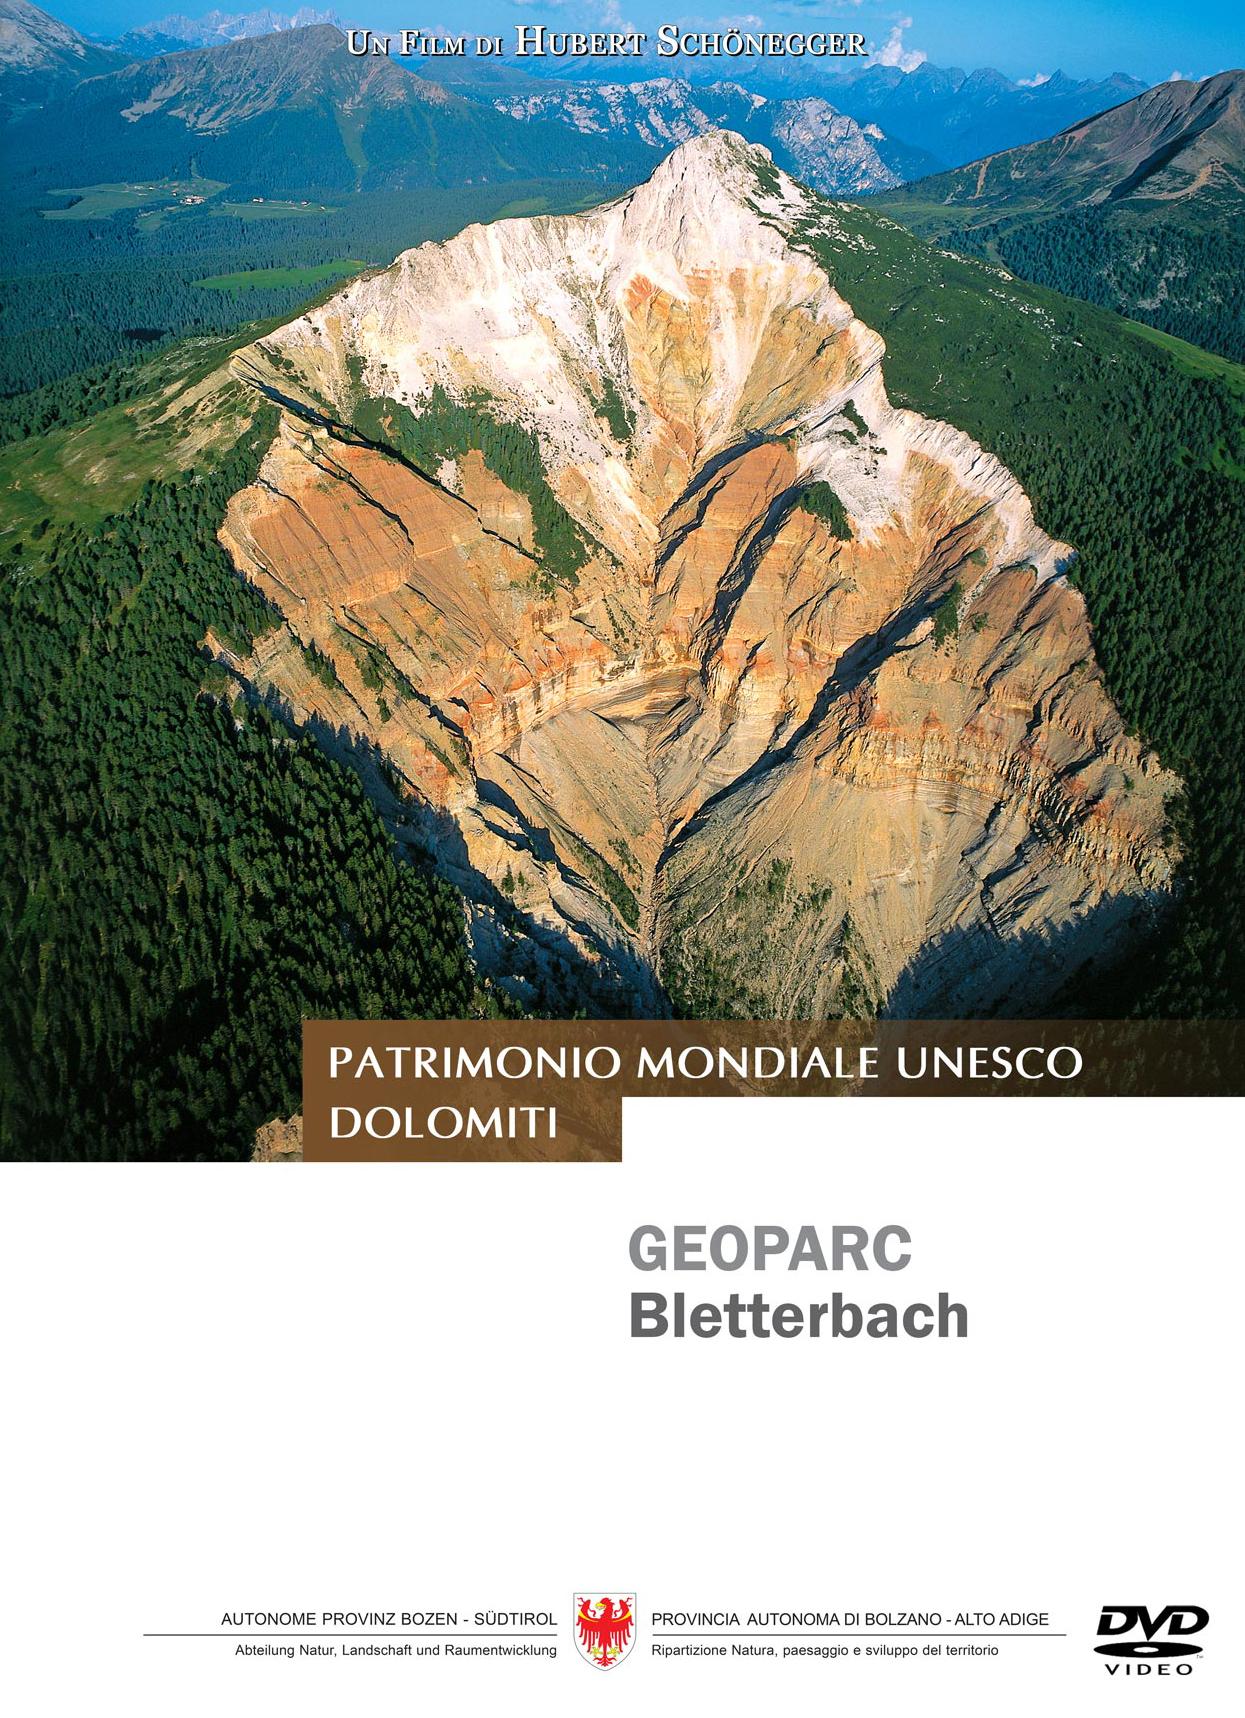 Video: «GEOPARC Bletterbach - Dolomiti Patrimonio Mondiale UNESCO»